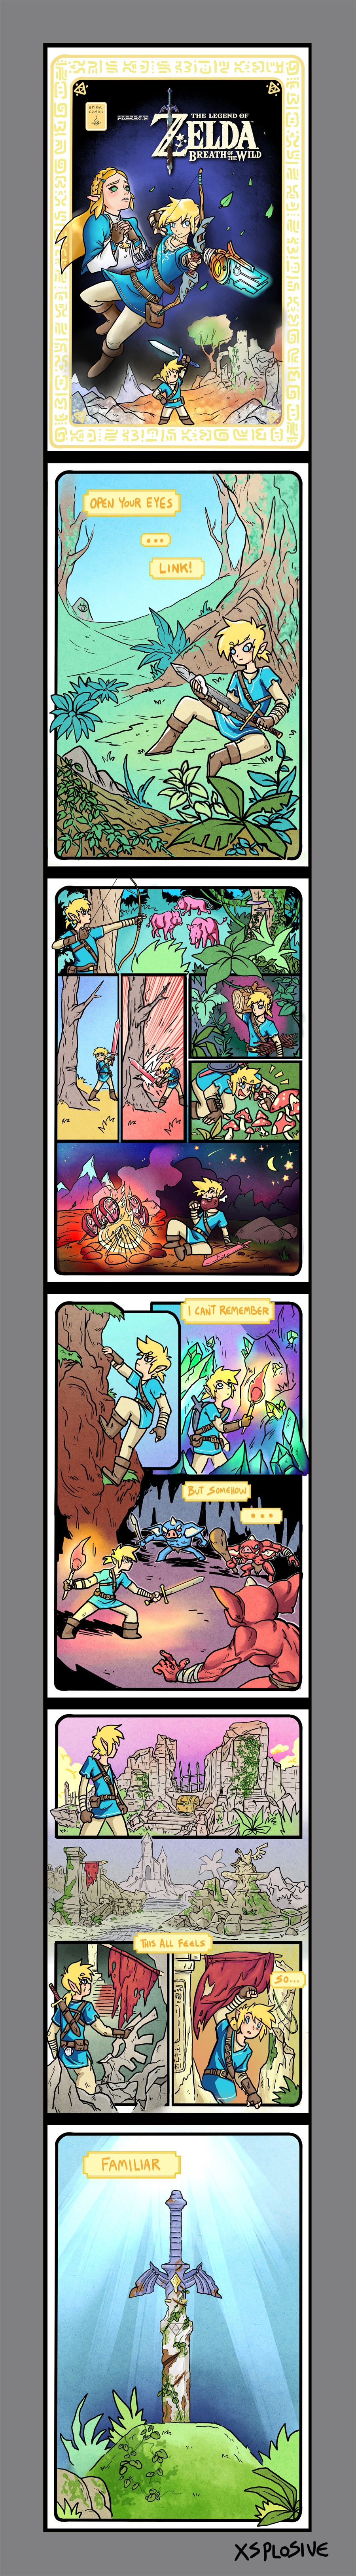 Breath of The Wild Comic